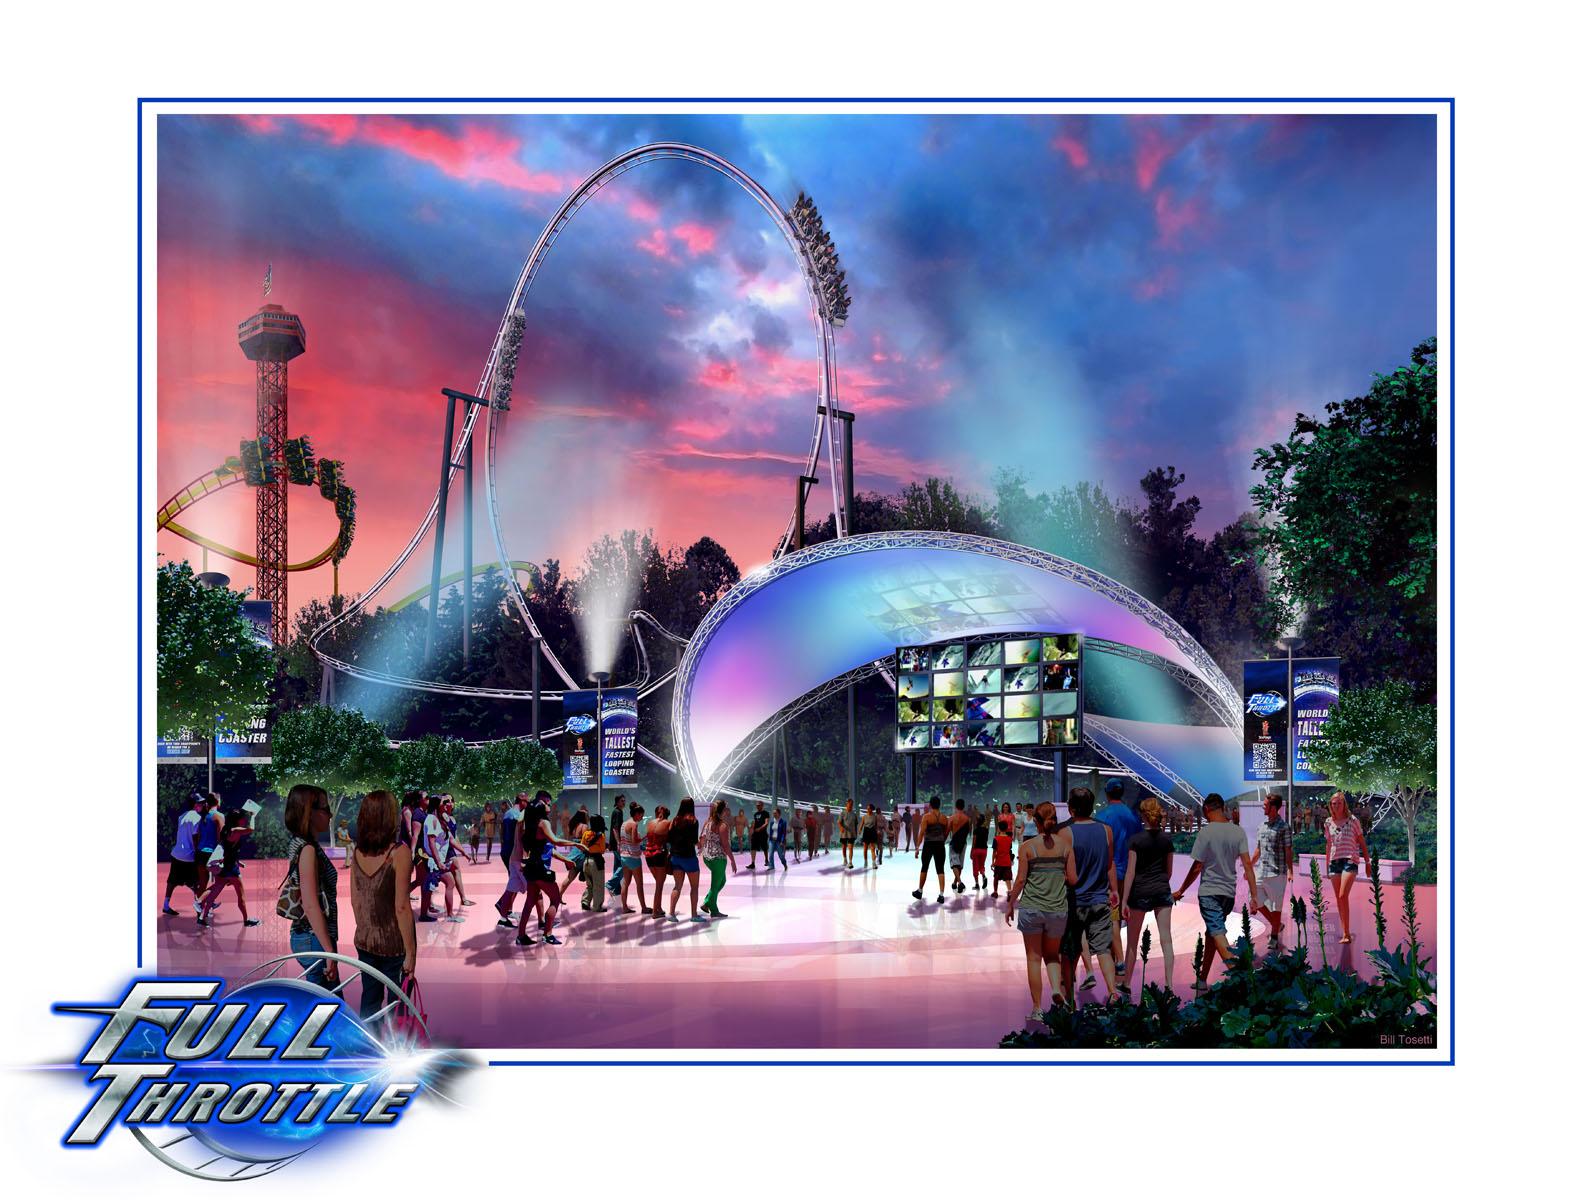 Full Throttle, Six Flags Magic Mountain Valencia, CA